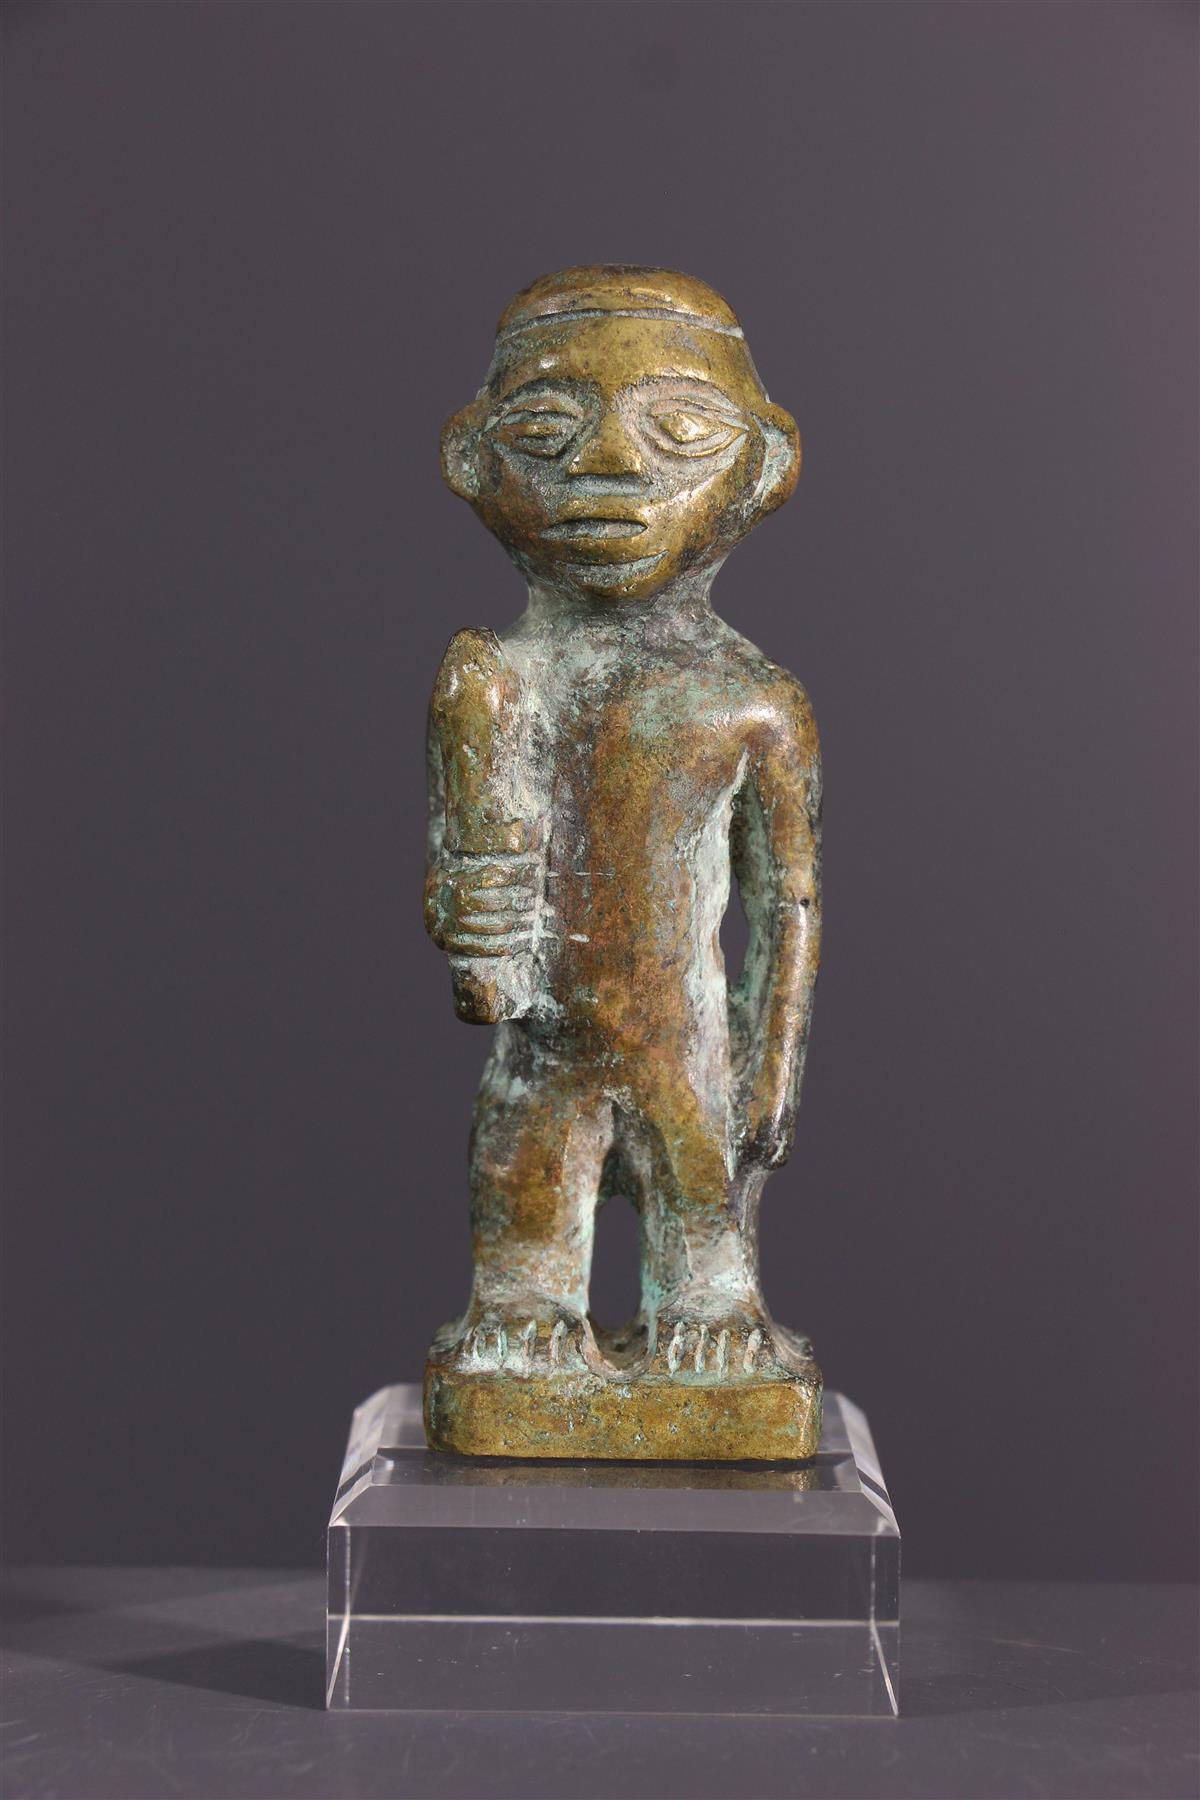 Bronze Congo - African art